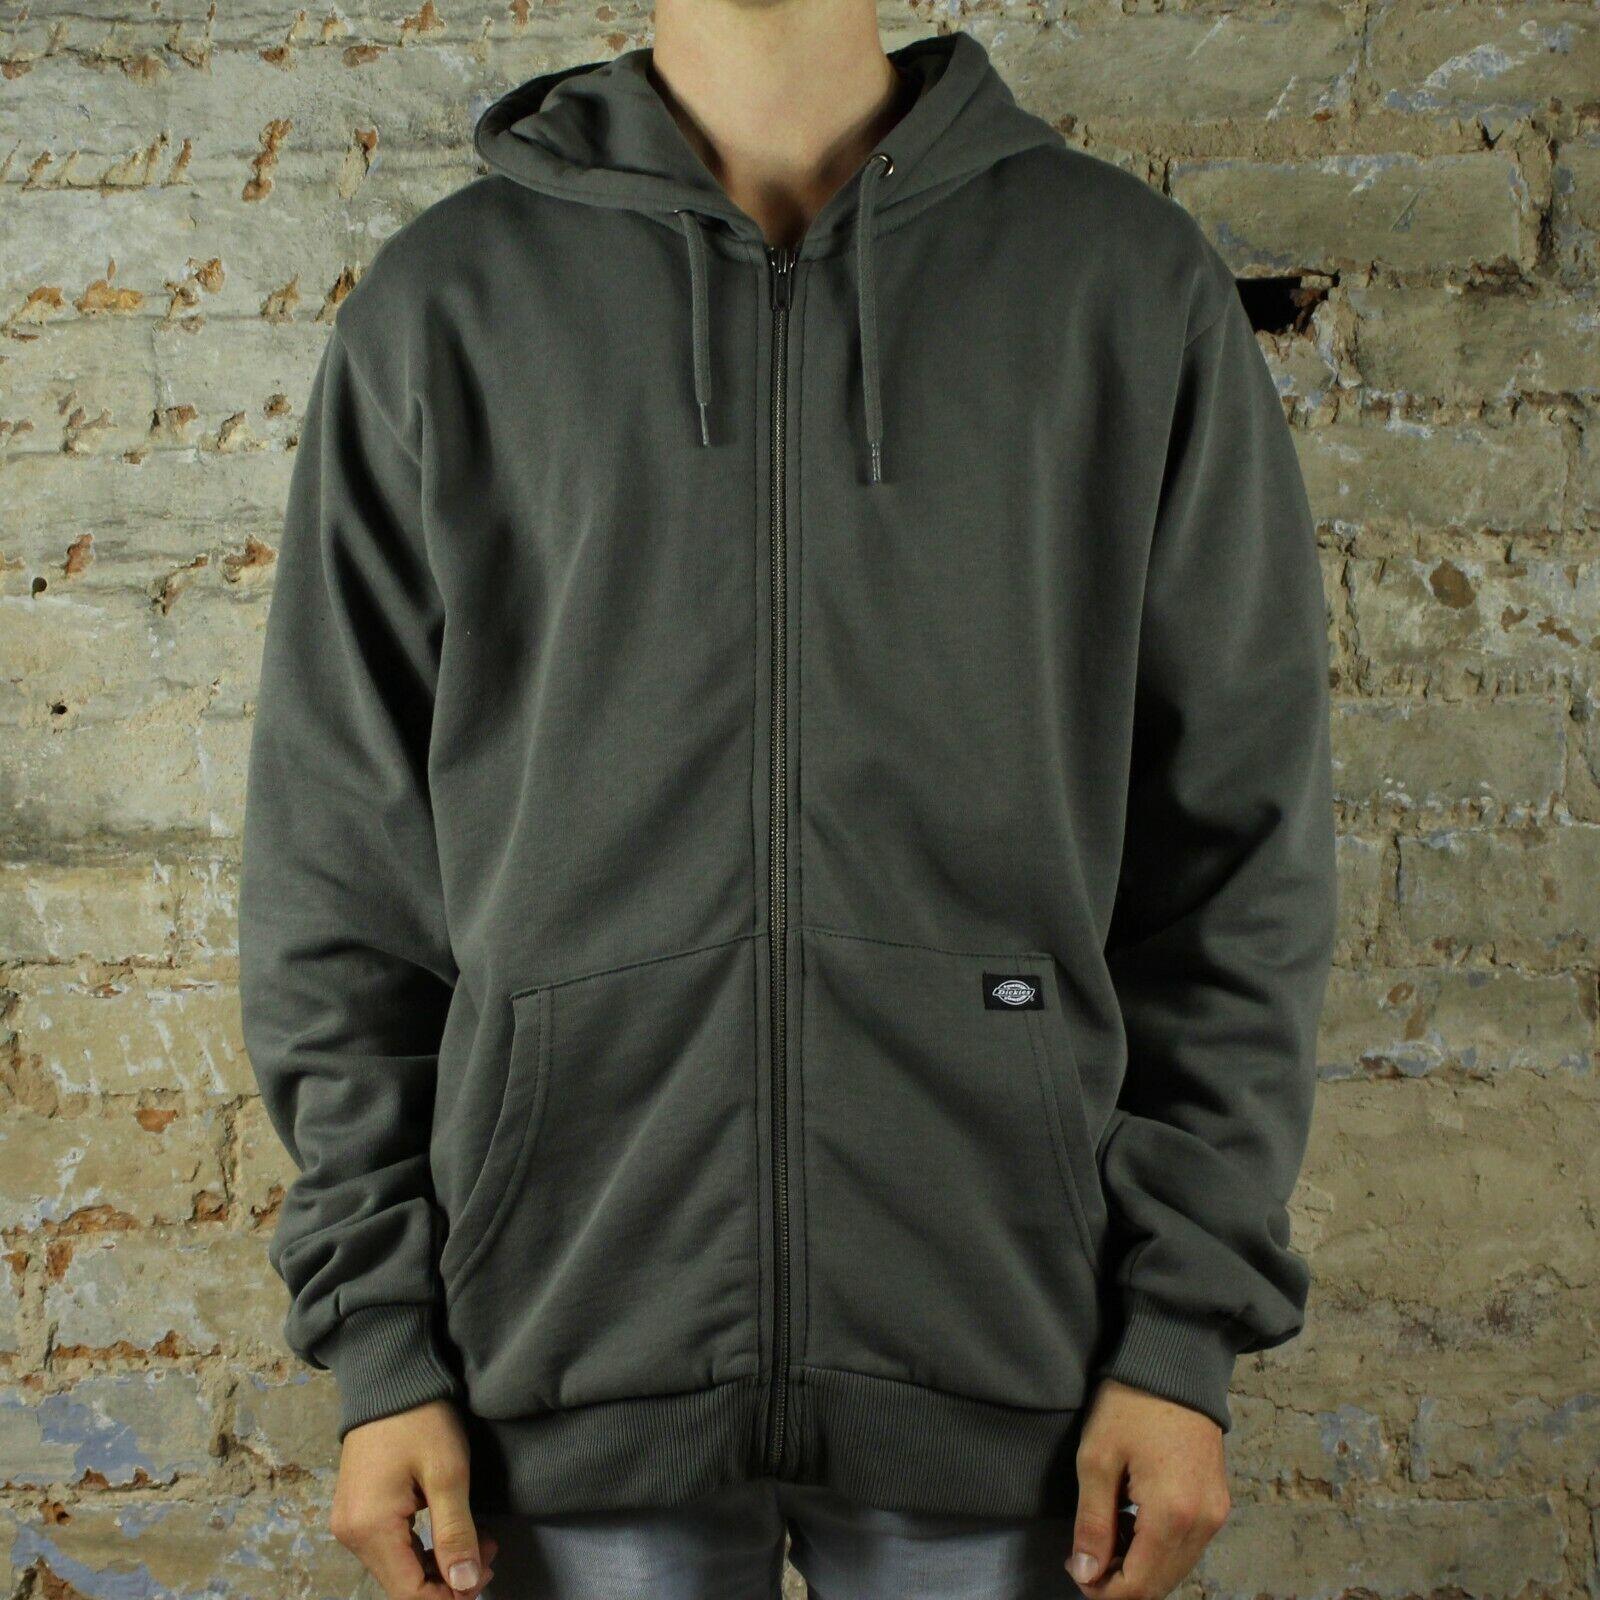 Dickies Kingsley Hooded Sweatshirt – Charcoal grau in Größes M,L